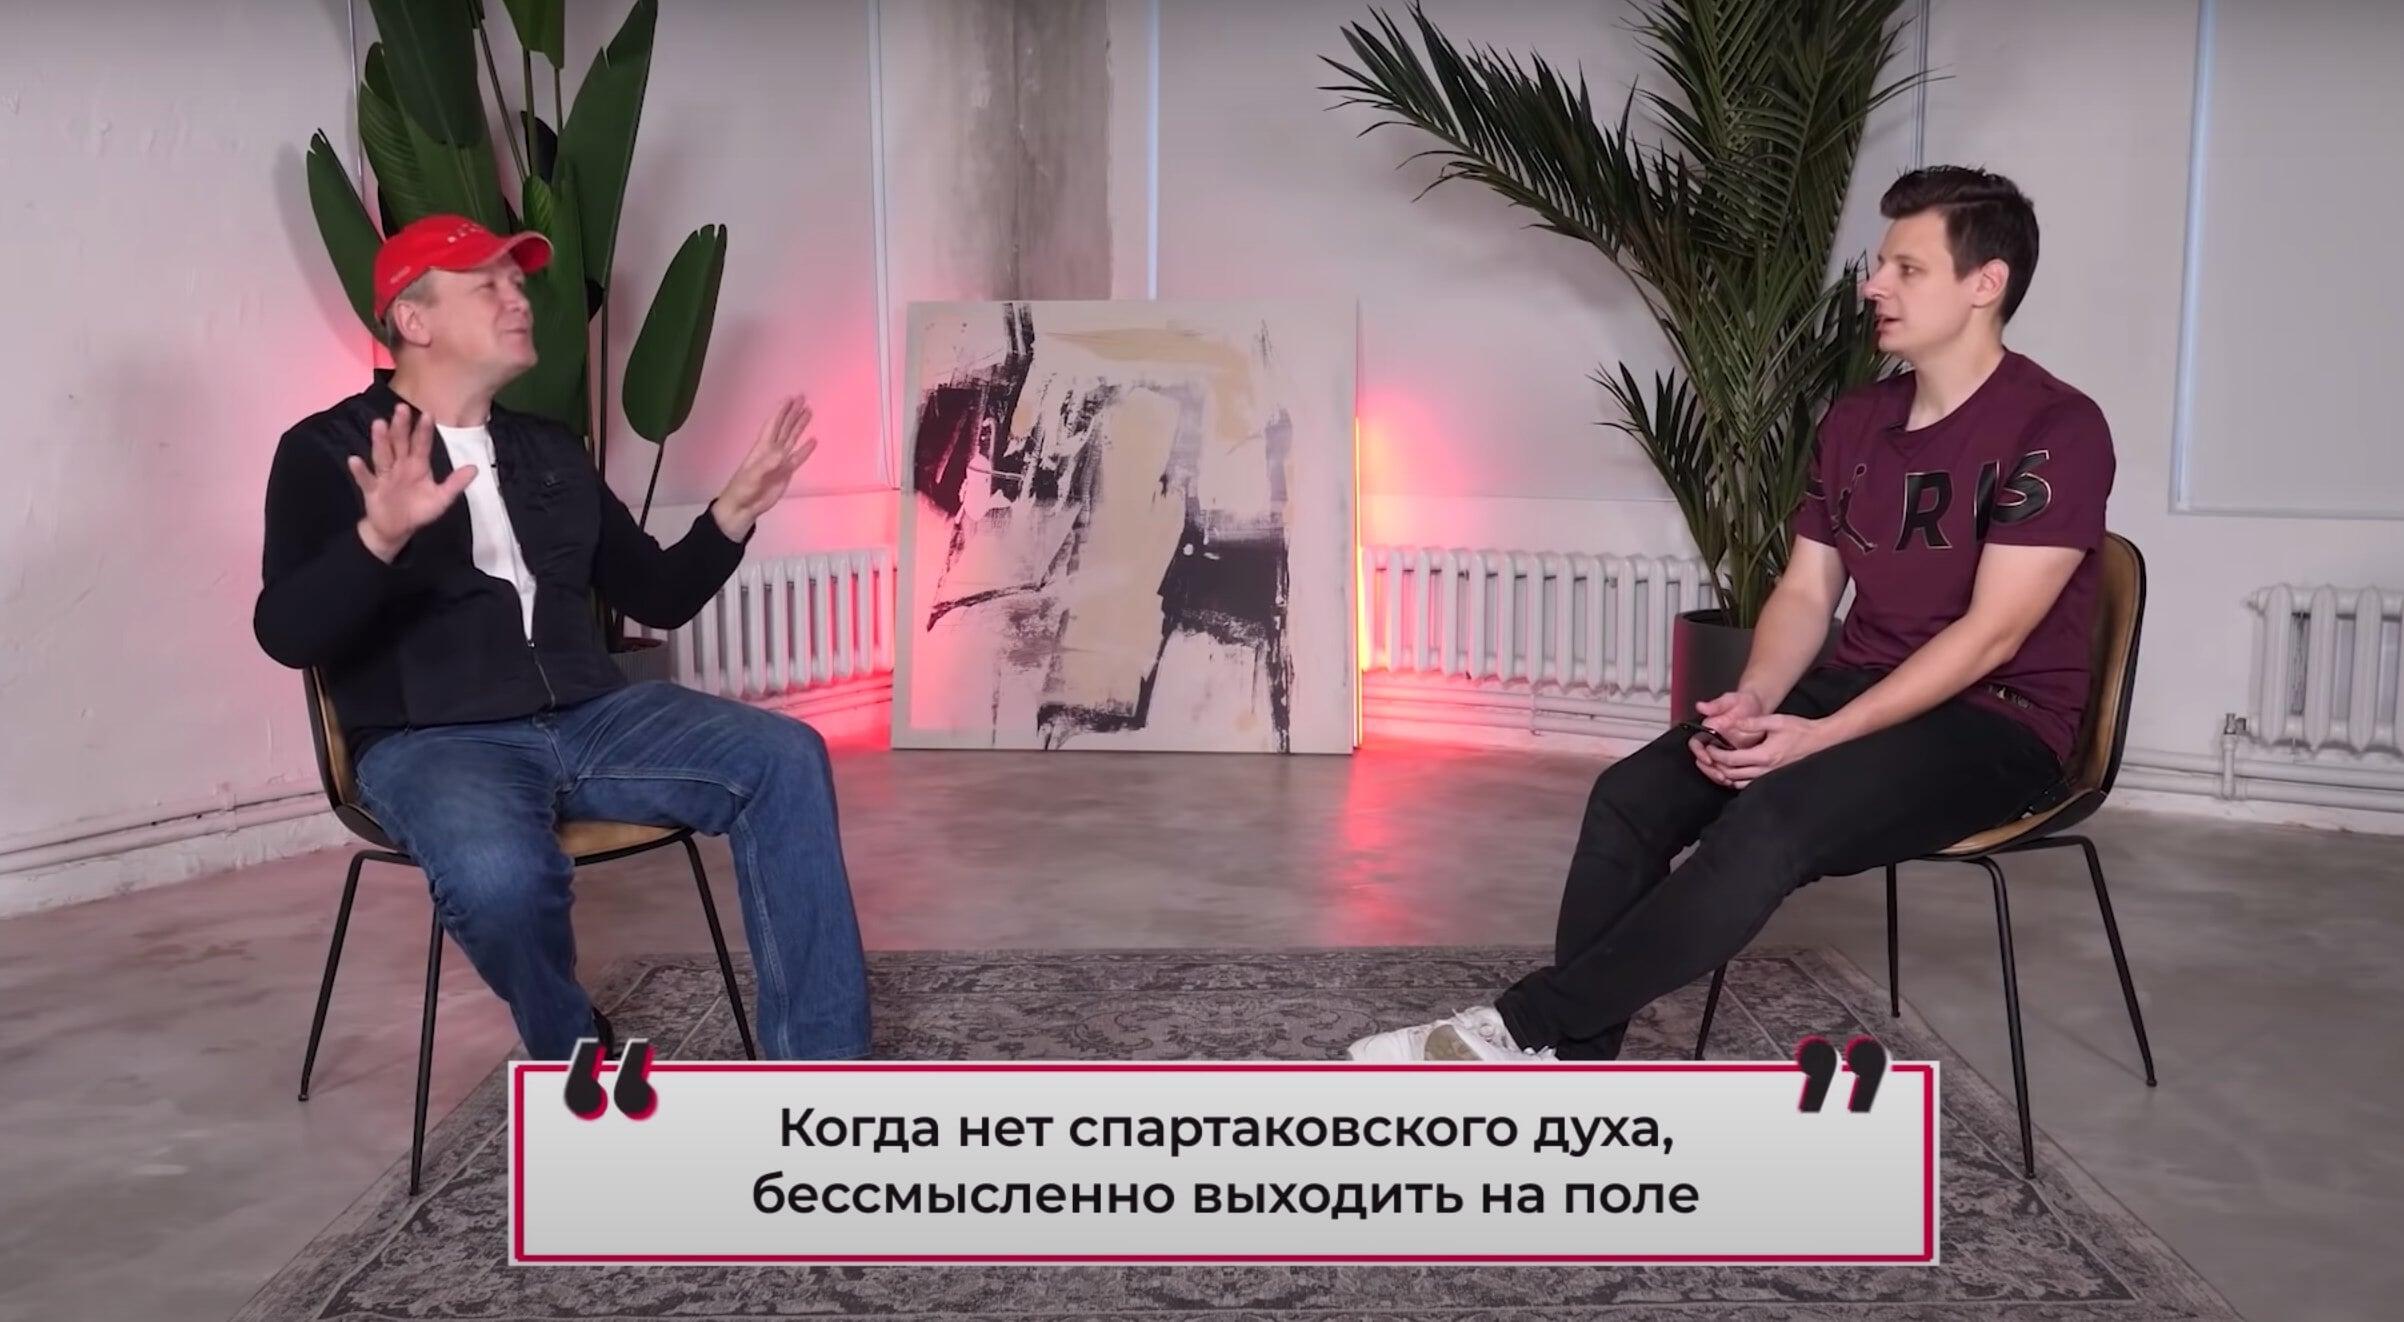 Шмурнов вернулся на матчи «Спартака», а мы с ним поговорили: о Сталине, Тедеско, Париже и новом моральном камертоне